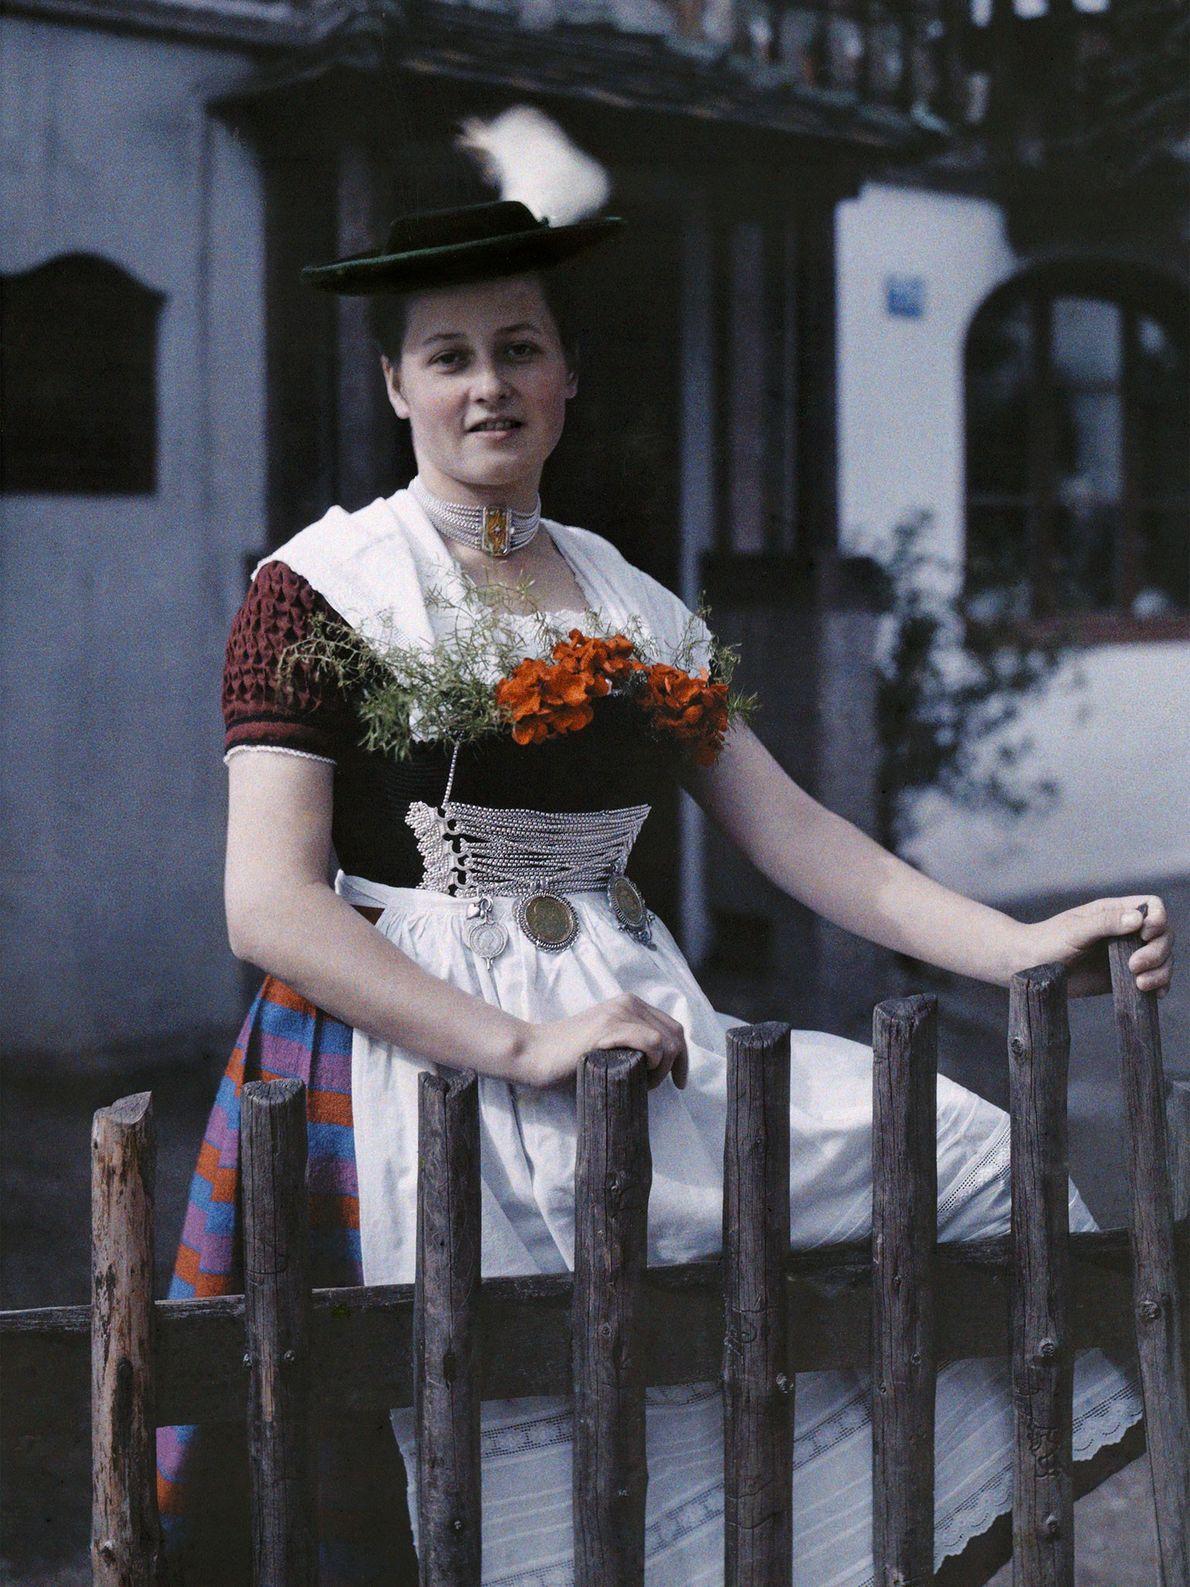 Eine bayerische Frau posiert für ein Bild an einem Zaun im Vorgarten eines Hauses in Deutschland. ...